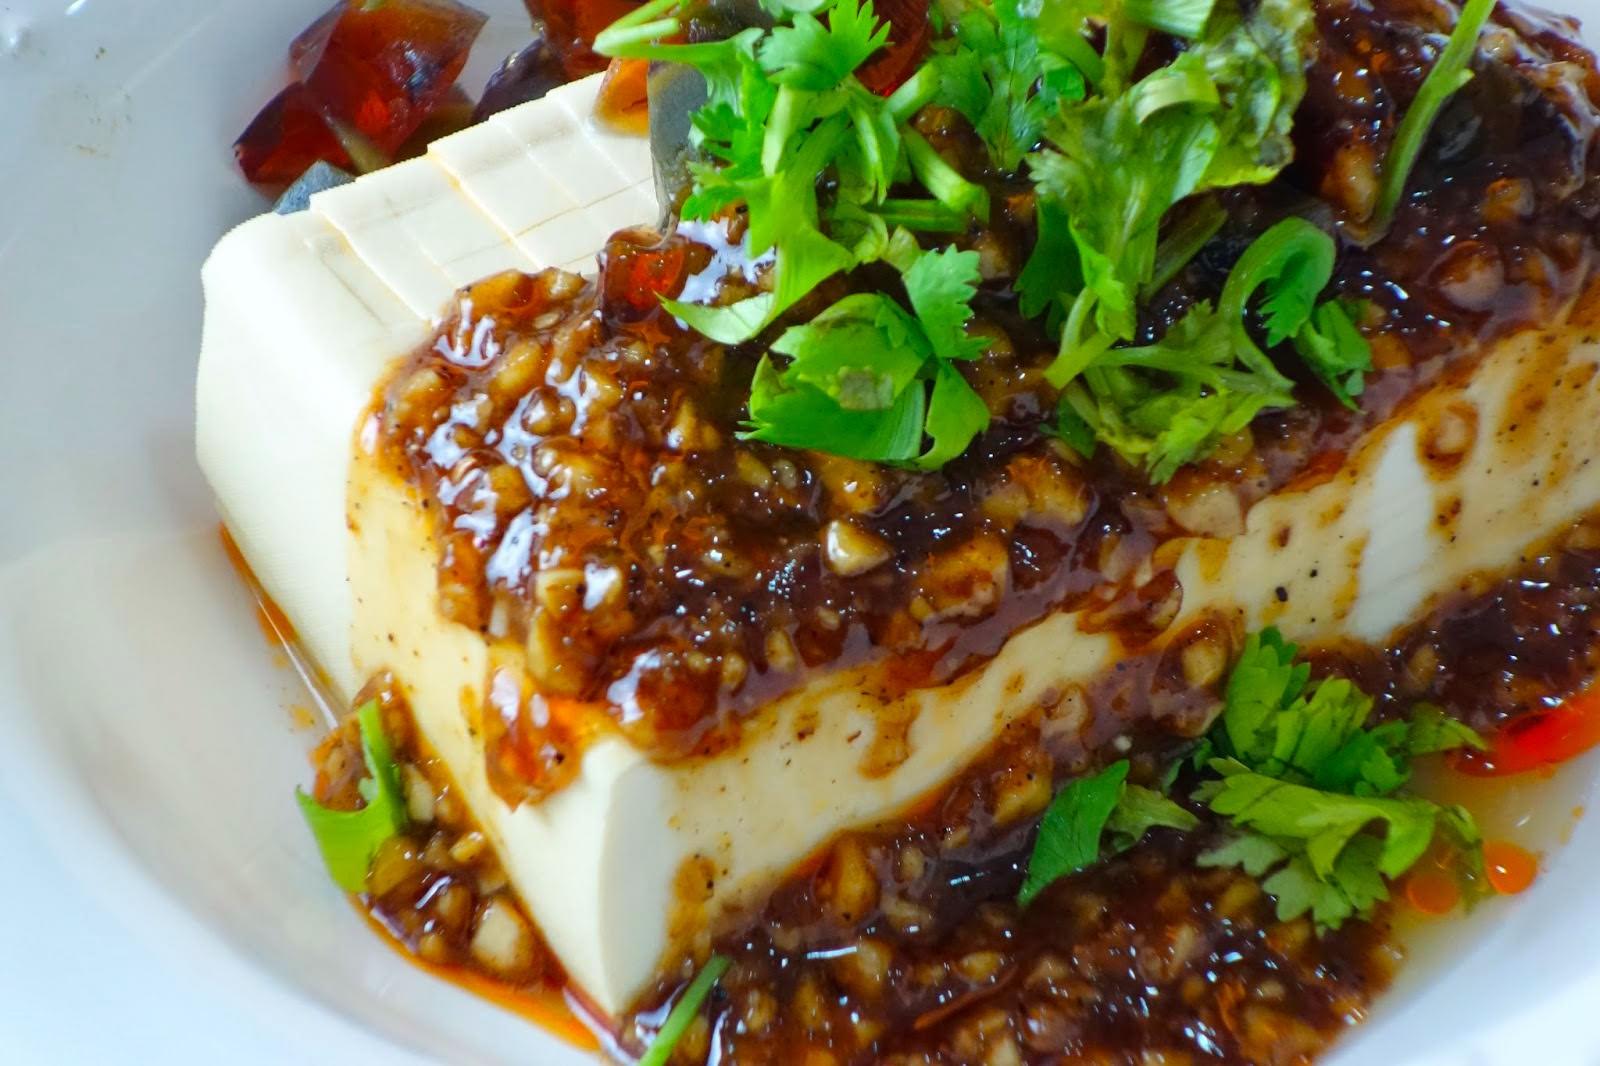 「如何自製手工嫩豆腐才不會失敗?」10 分鐘快速上菜,新手也學得會!